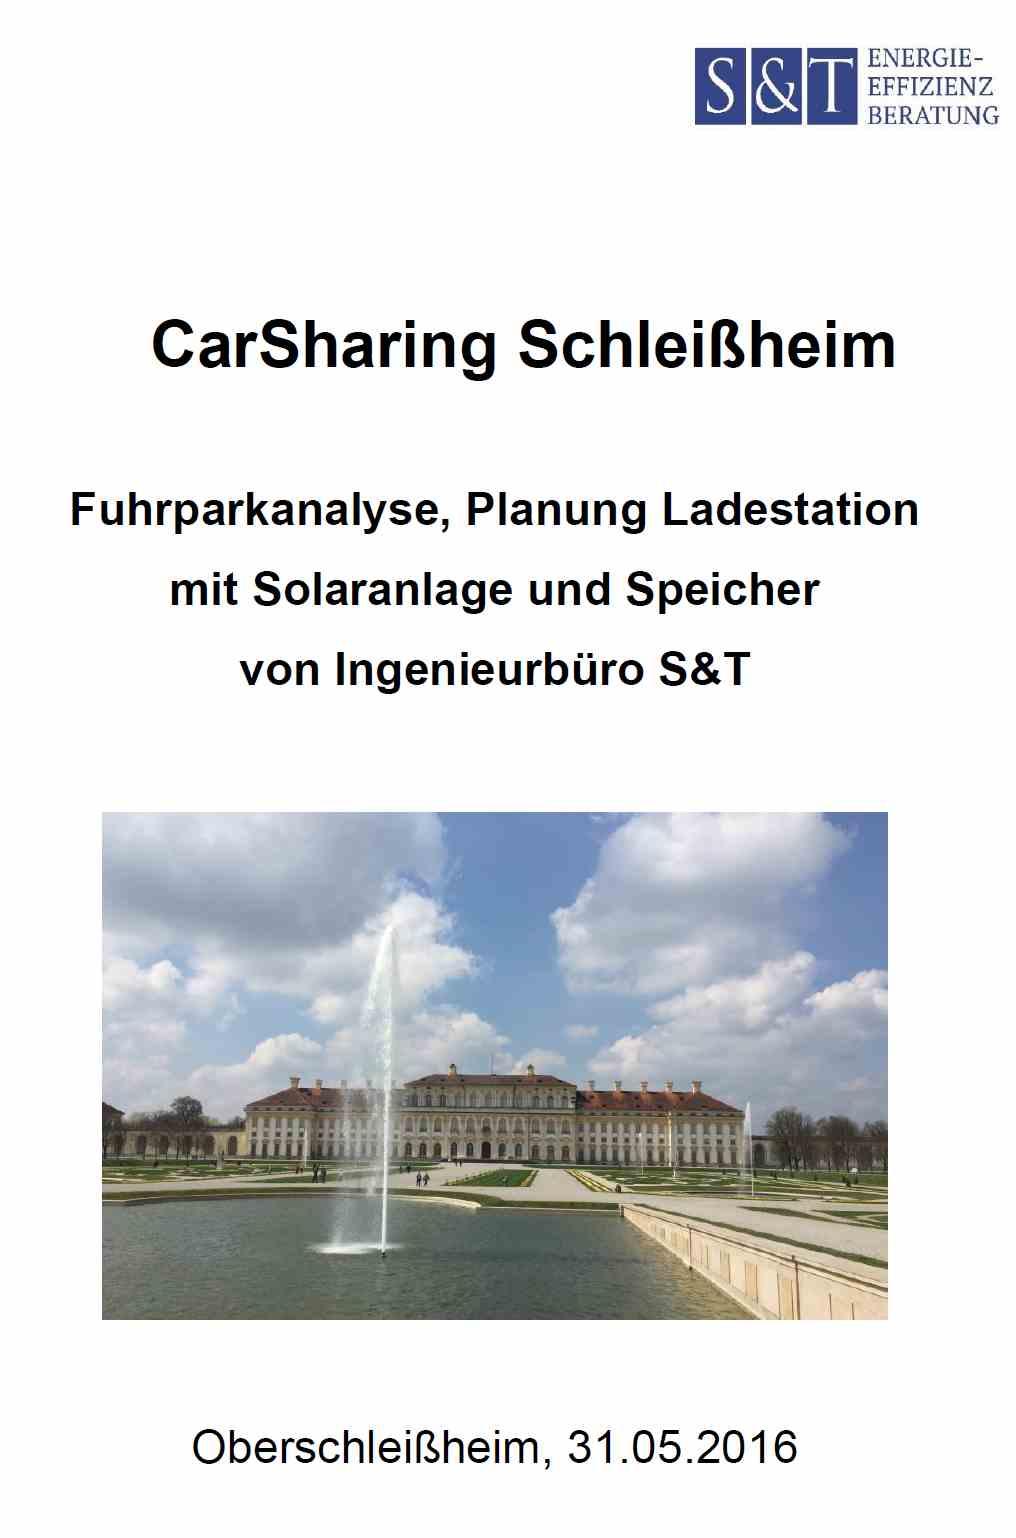 CarSharing Schleißheim